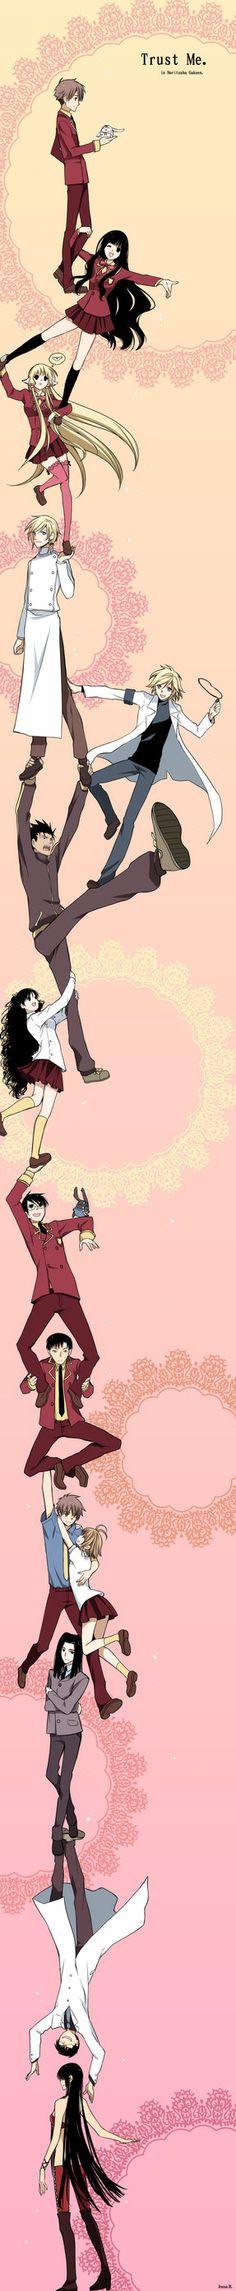 Durarara Ending Parody. Characters featured are from Shiritsu Horitsuba Gakuen.  (Fan-art)